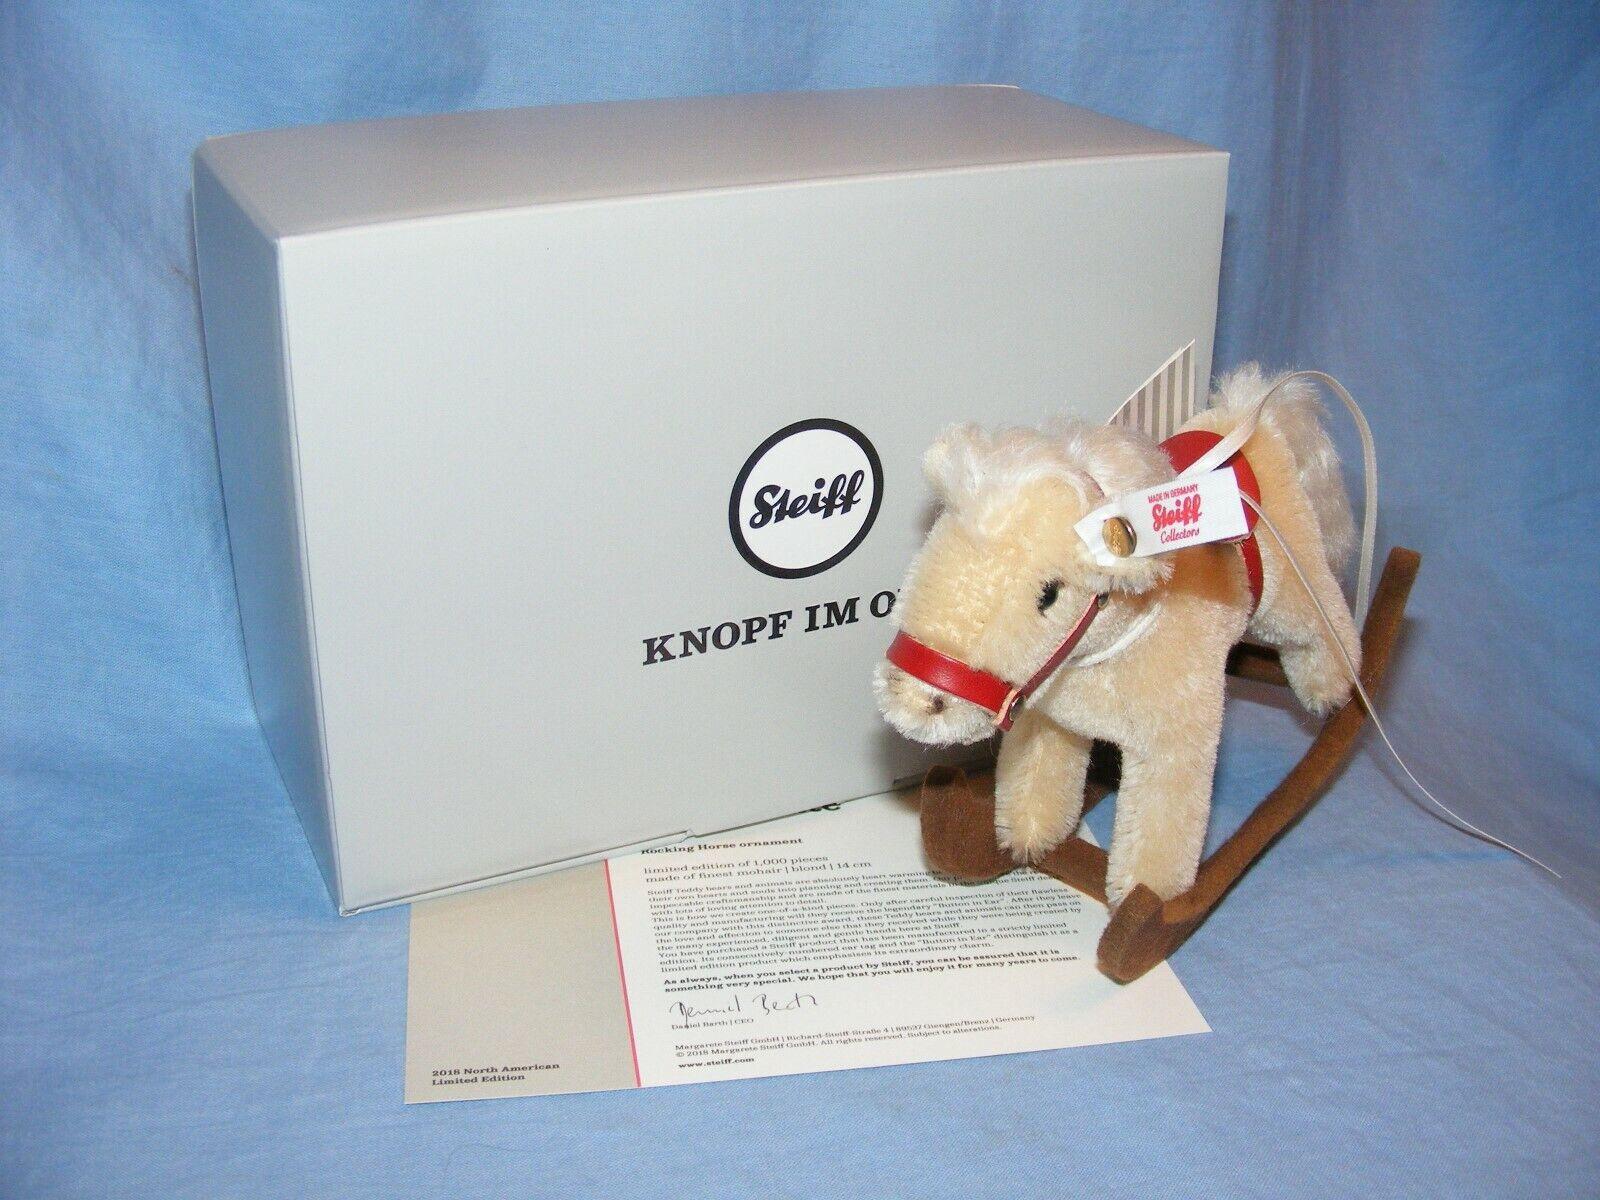 Steiff Cavallo a Dondolo Ornamento 683398 Edizione Limitata Natale